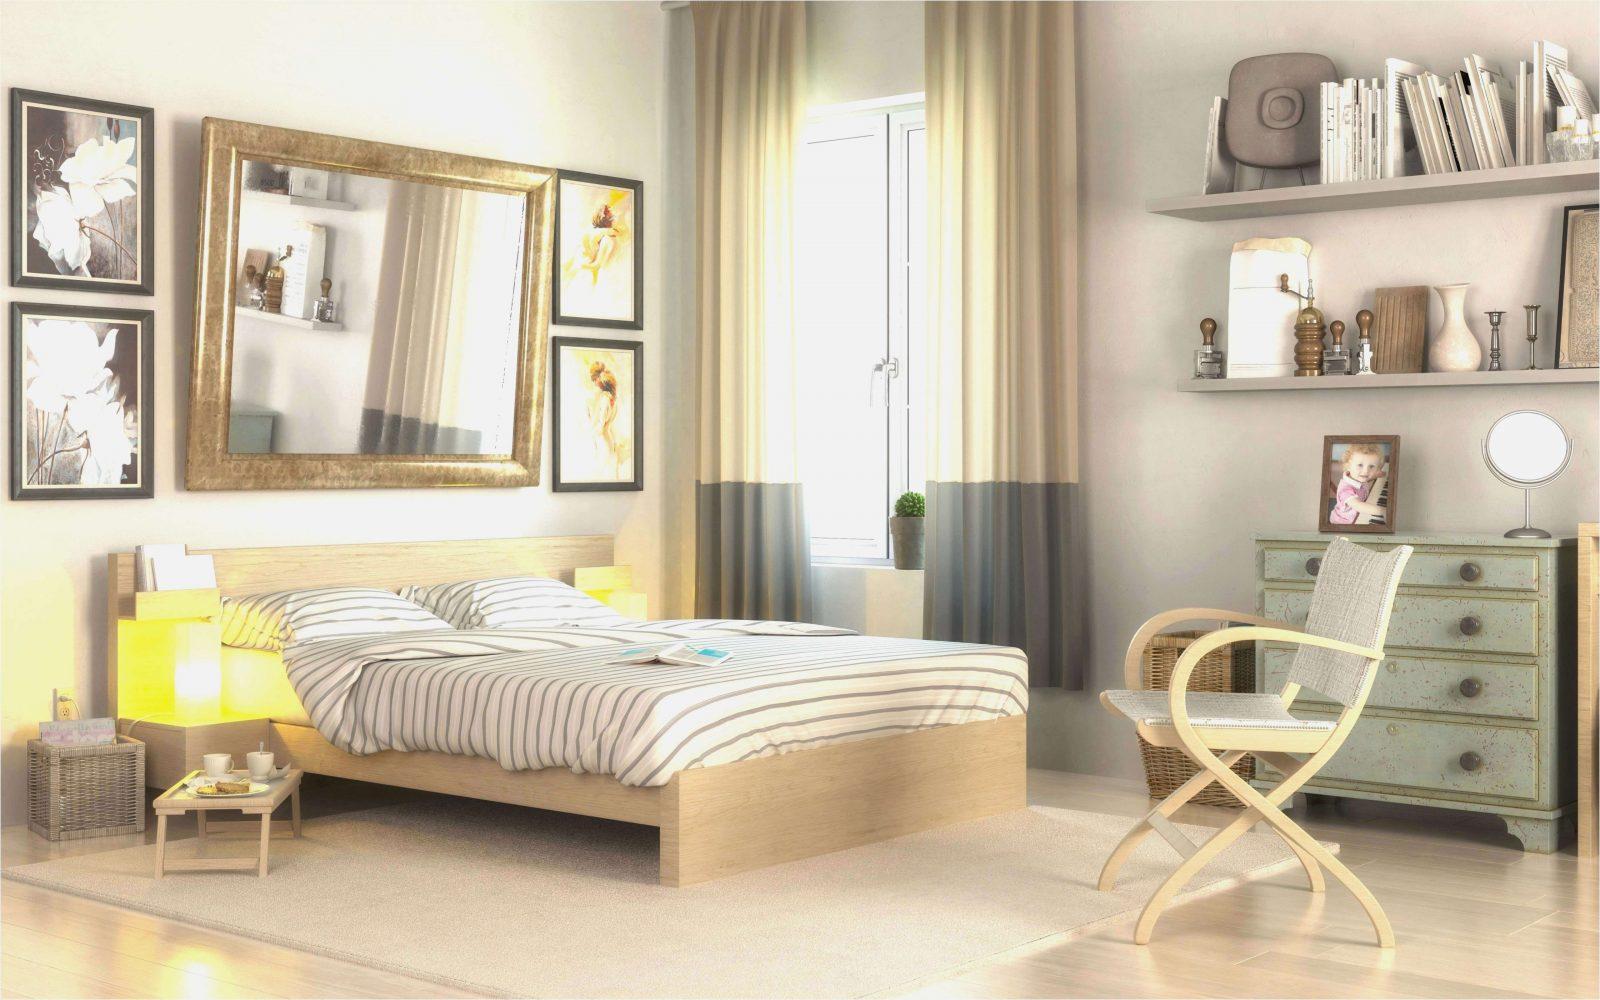 36 Bewundernswert Modernes Schlafzimmer Von 12 Qm Zimmer Einrichten von 13 Qm Zimmer Einrichten Bild